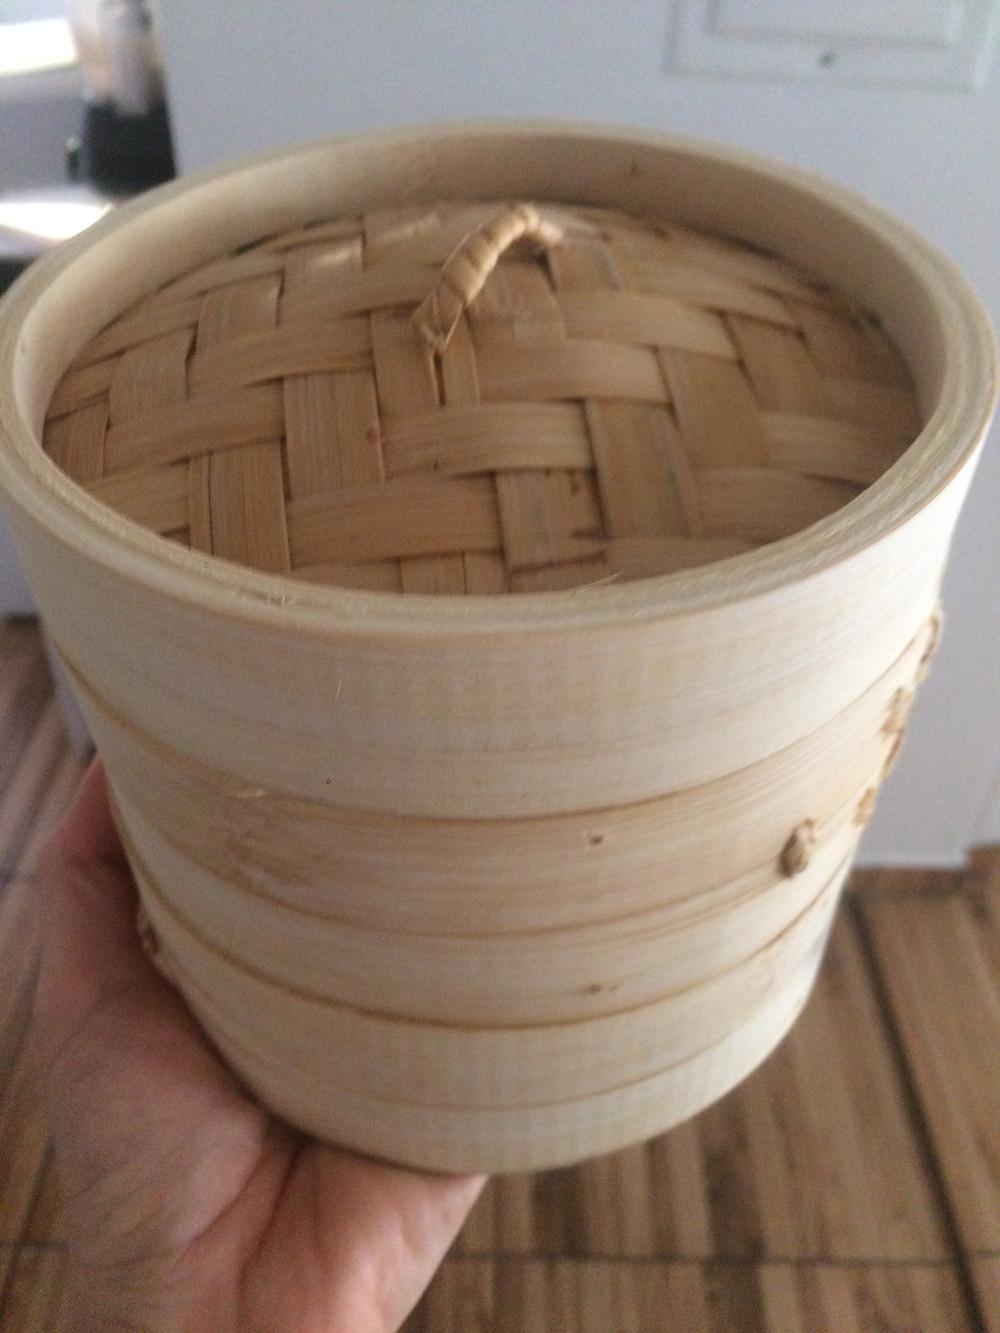 vaporeira de bambu!